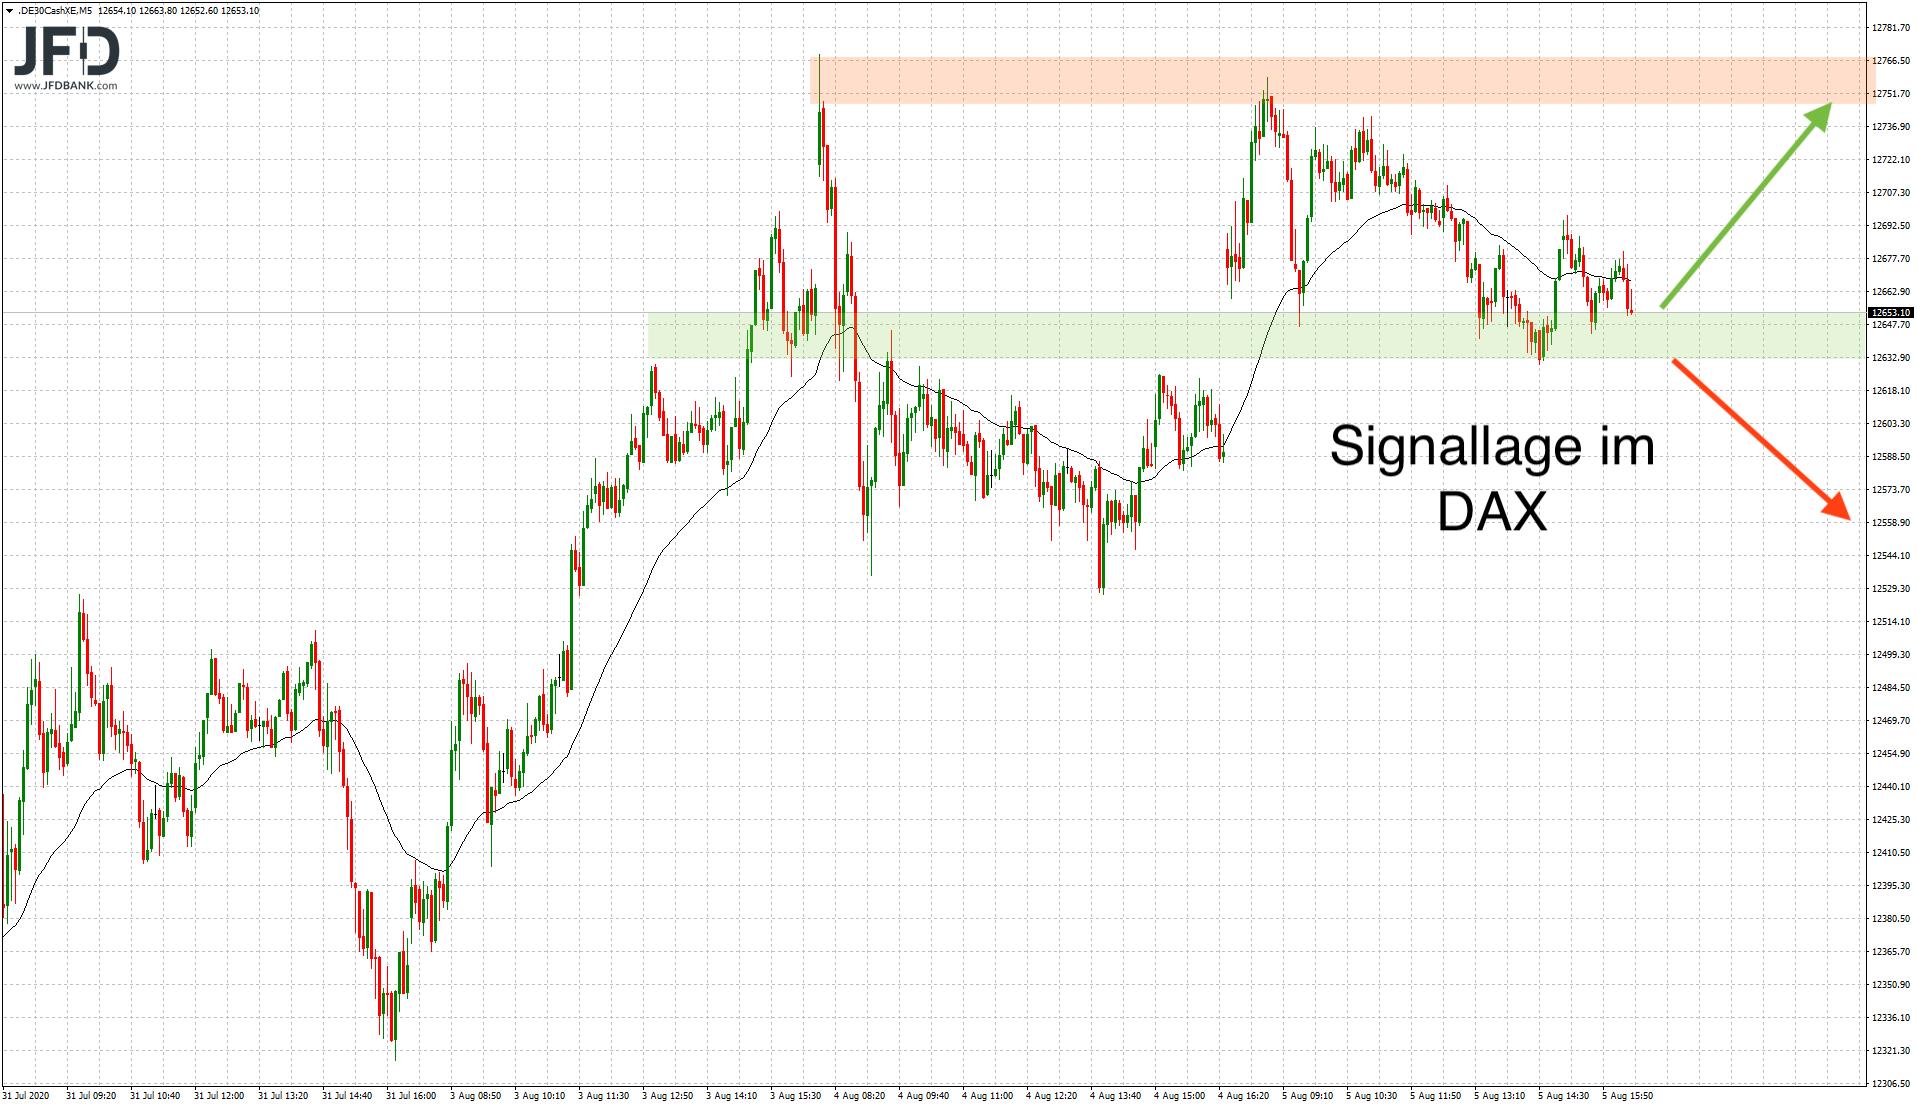 Trading-Chancen-am-DAX-Abwärtstrend-Kommentar-JFD-Bank-GodmodeTrader.de-7